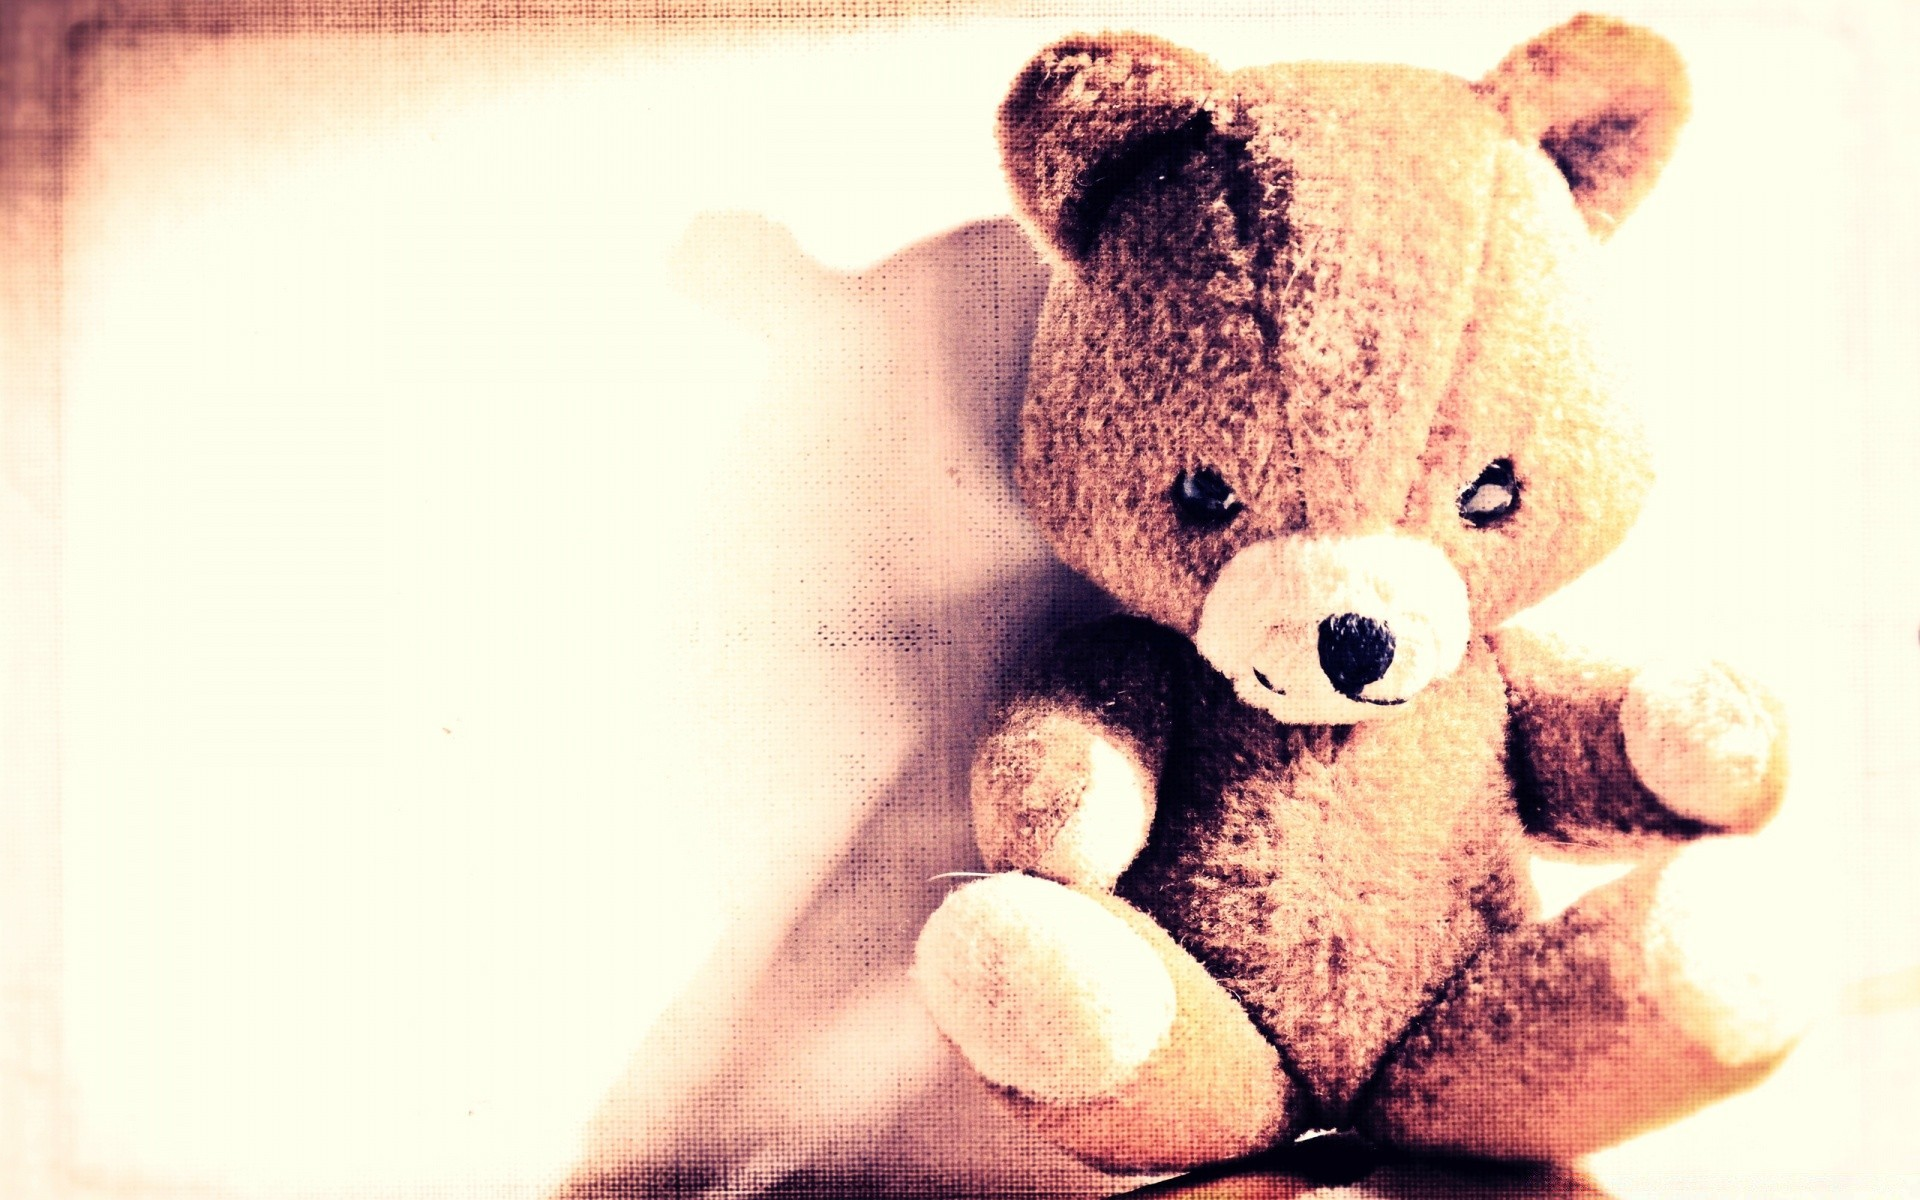 Sweet cute teddy bear wallpapers